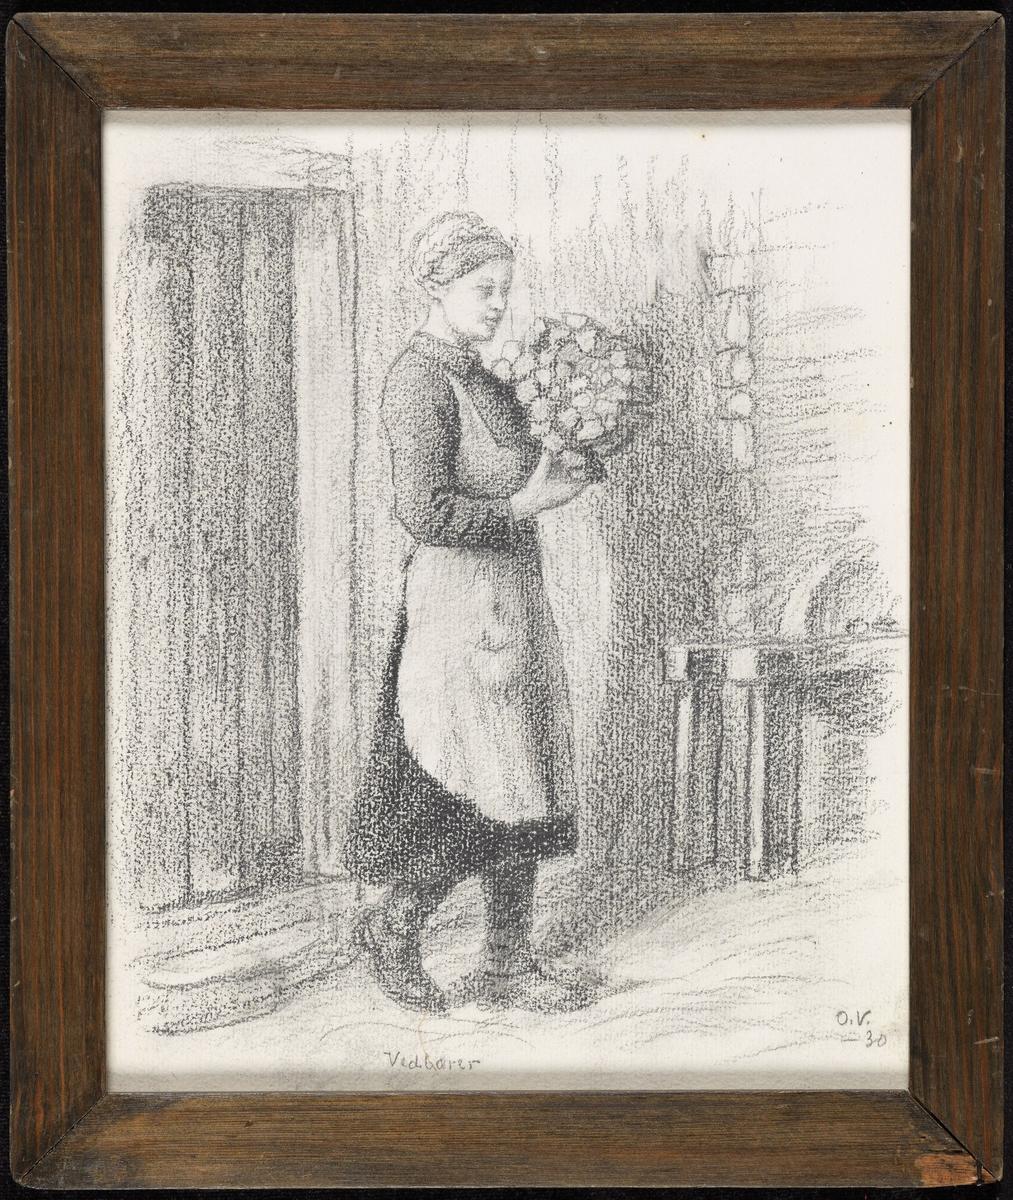 Kvinne, gående, høyrevendt, vedfange i h. arm, forkle, flette om hodet; husvegg.